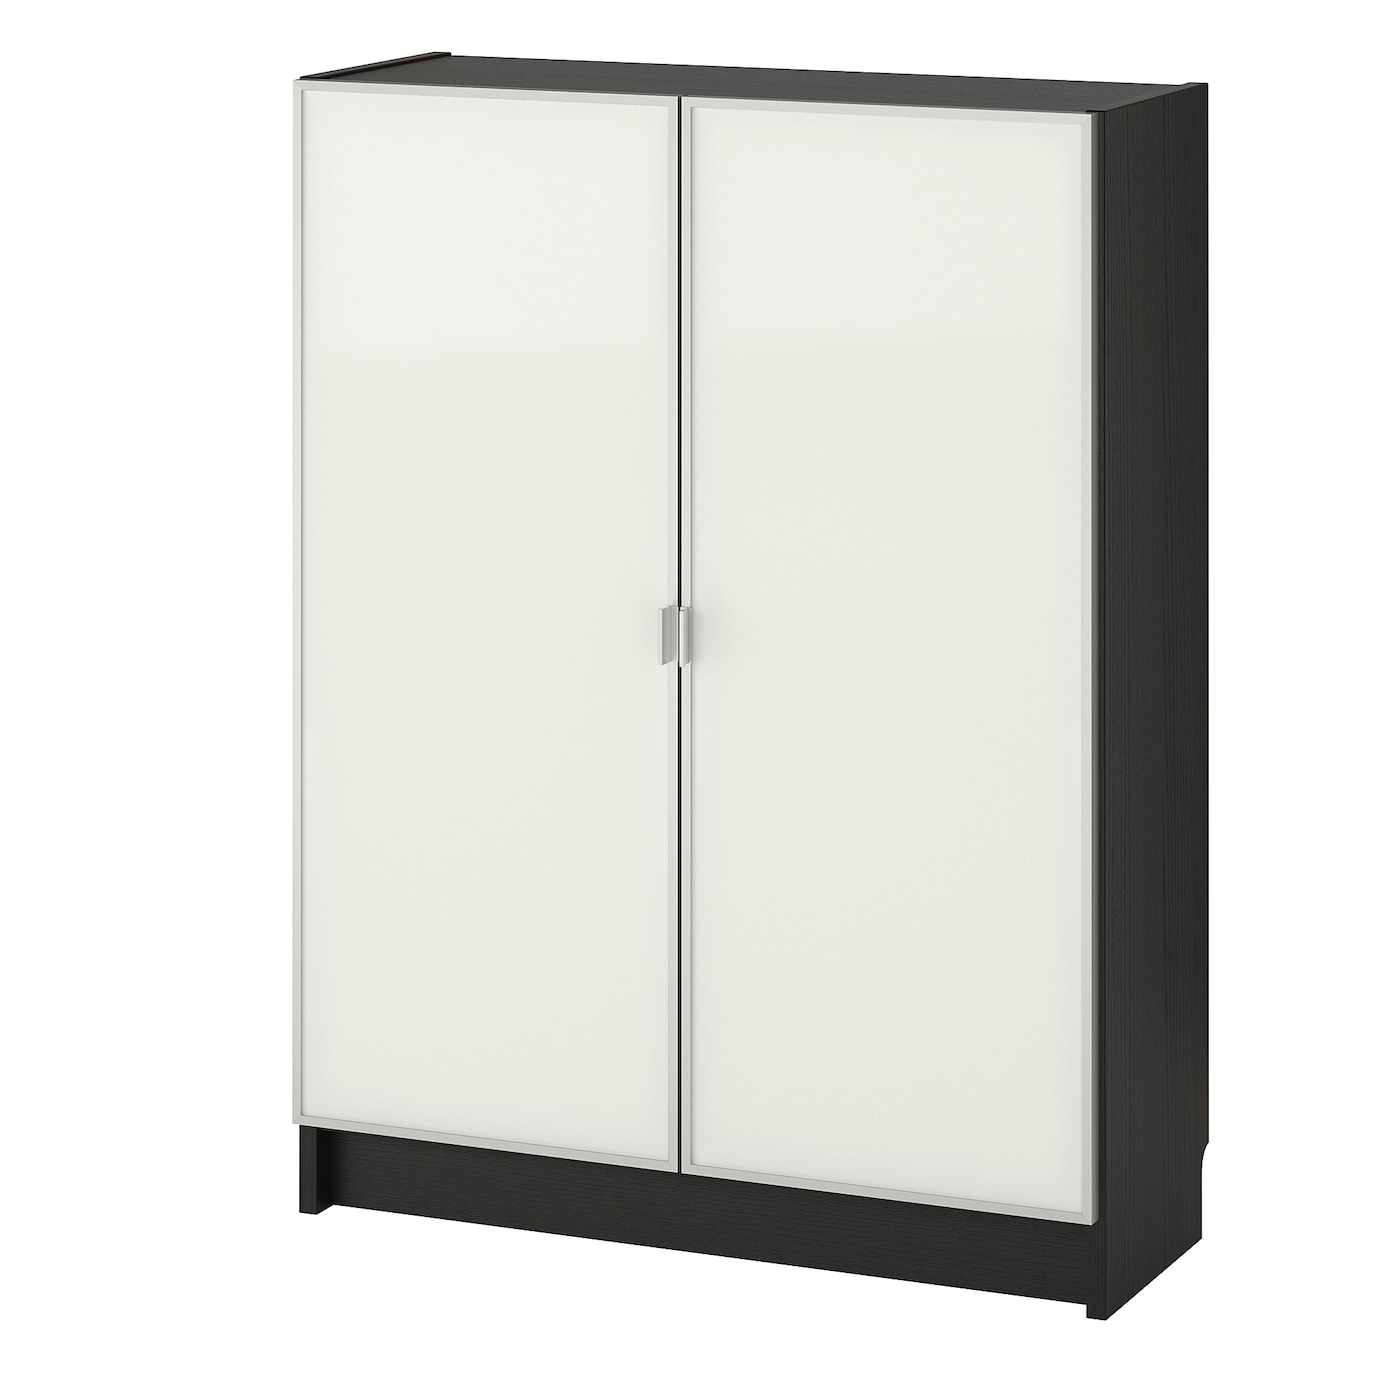 billy morliden bookcase with glass doors black brown glass. Black Bedroom Furniture Sets. Home Design Ideas